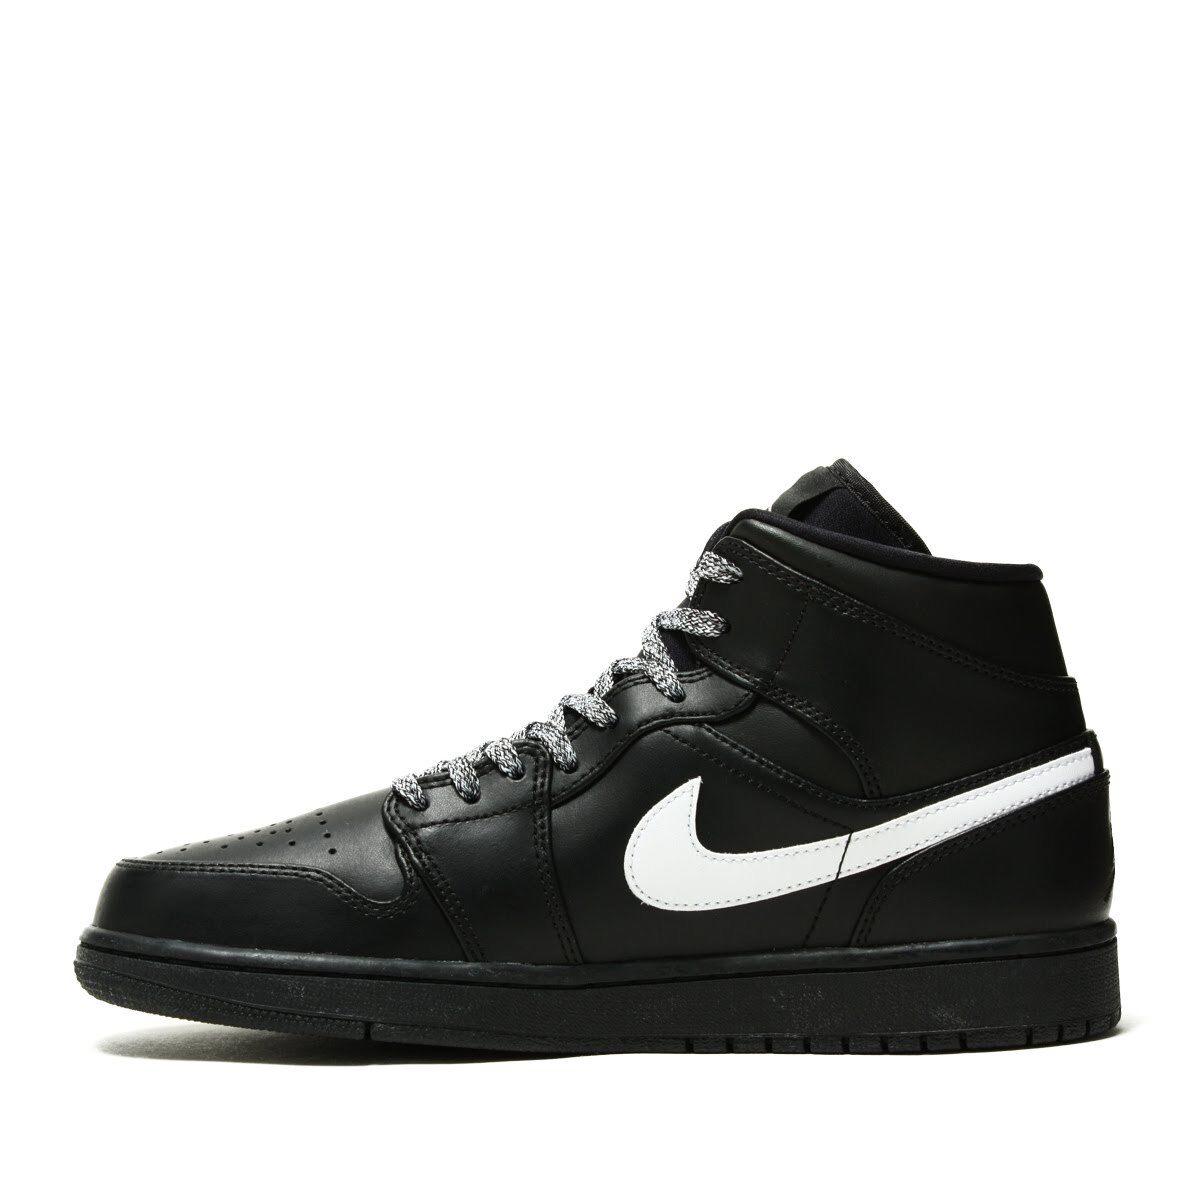 Los hombres de Nike Air Jordan 1 medio 04 baloncesto Negro 554724-049 us7-11 04 medio ' e46770